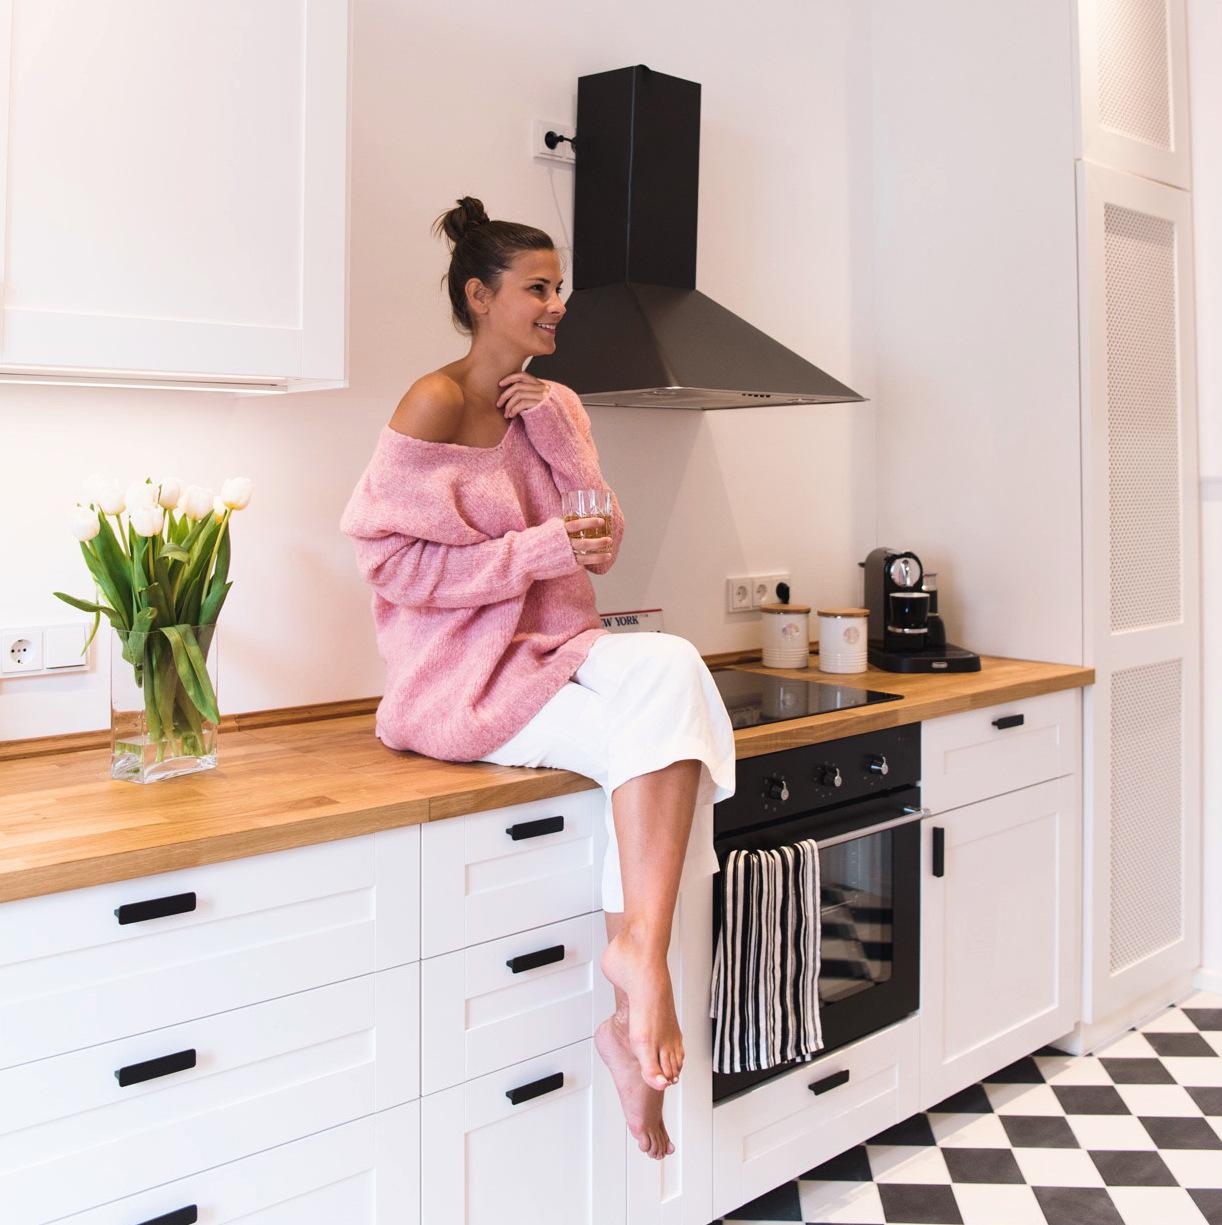 nina-schwichtenberg-bloggerin-deutschland-münchen-mode-blog-fashionblog-interior-blogger-fashiioncarpet-wohnung